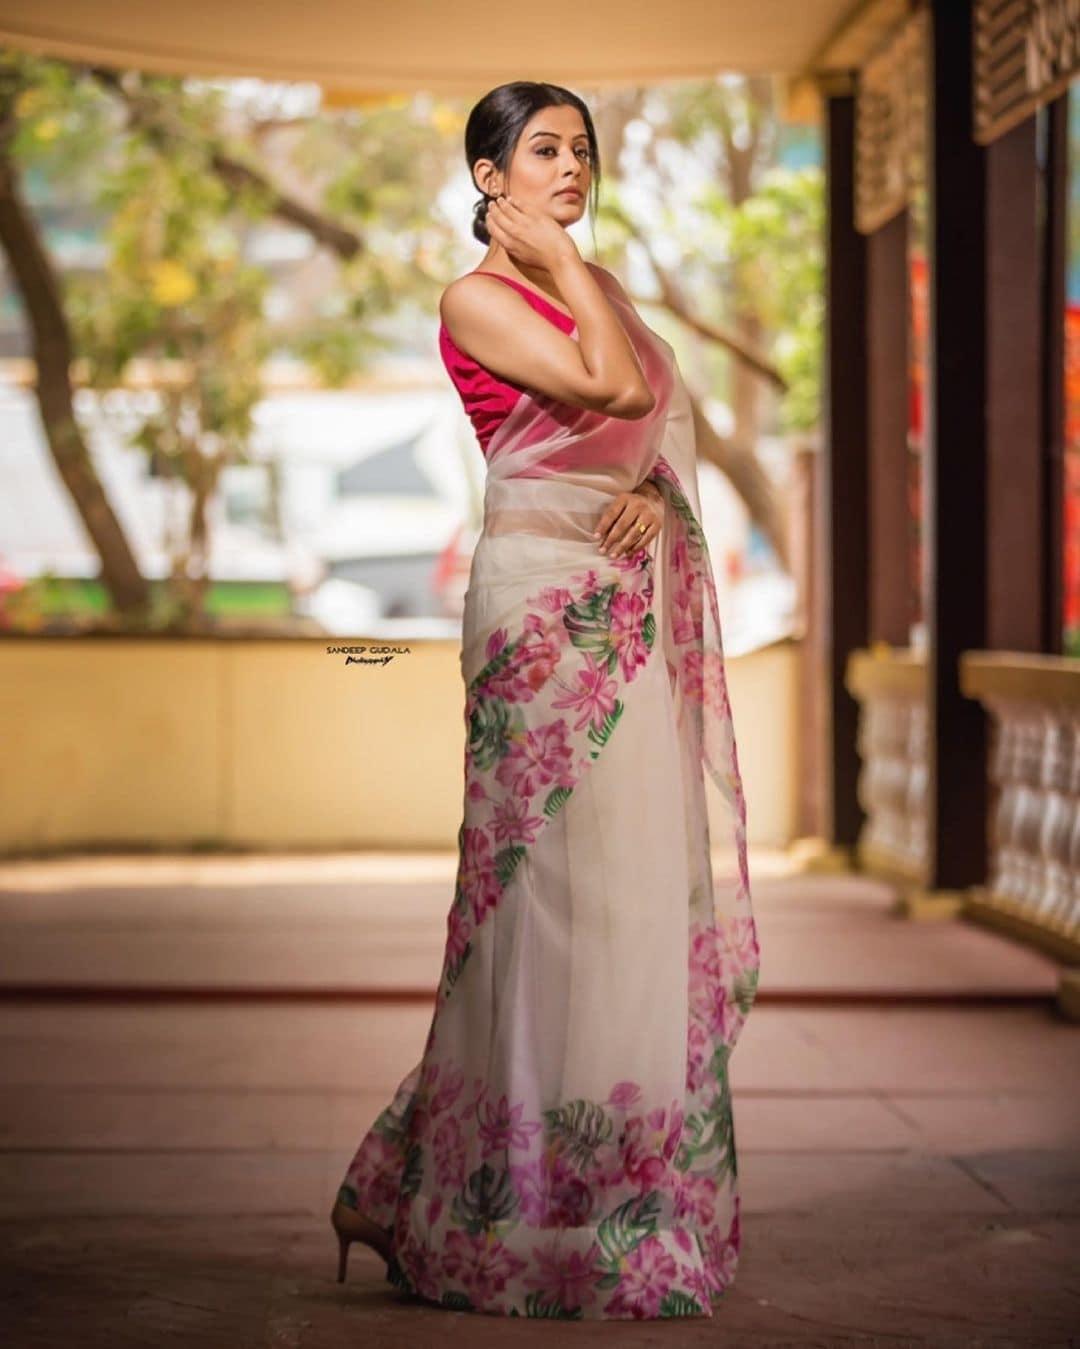 நடிகை பிரியாமணி ( Image :Instagram @pillumani)